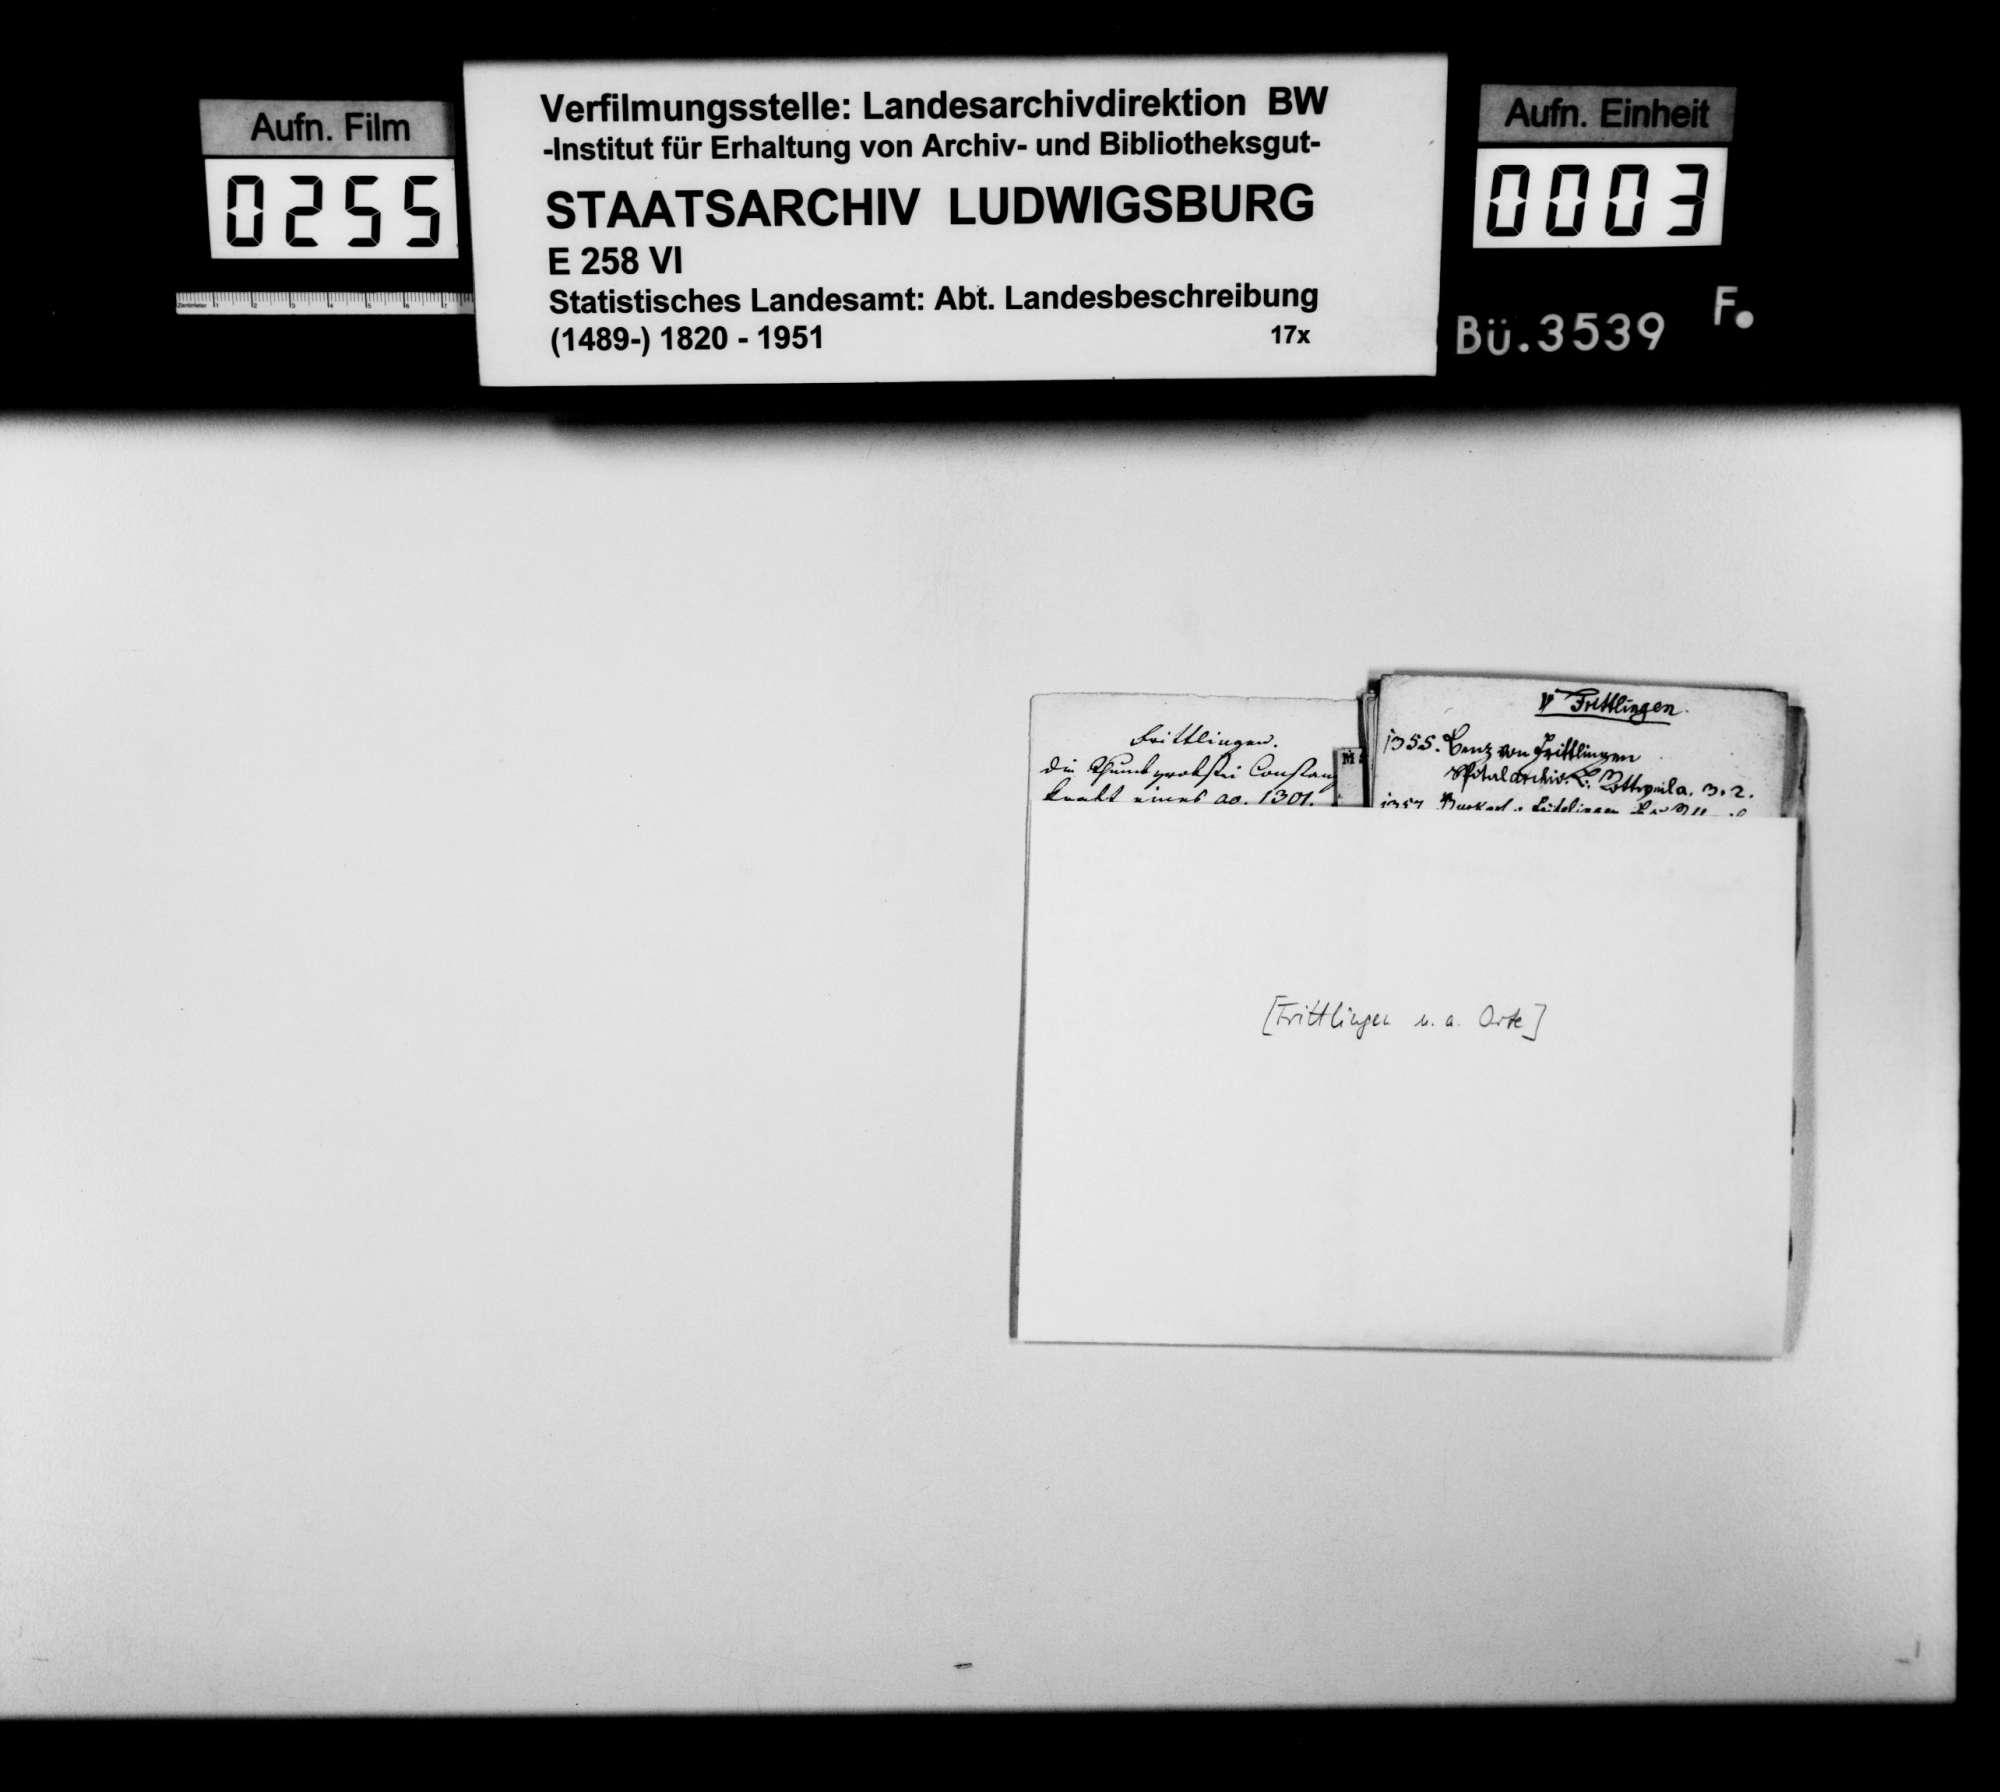 Notizen und Manuskripte [des Pfarrers Köhler aus Marschalkenzimmern] zur Geschichte im Oberamtsbezirk, Bild 2